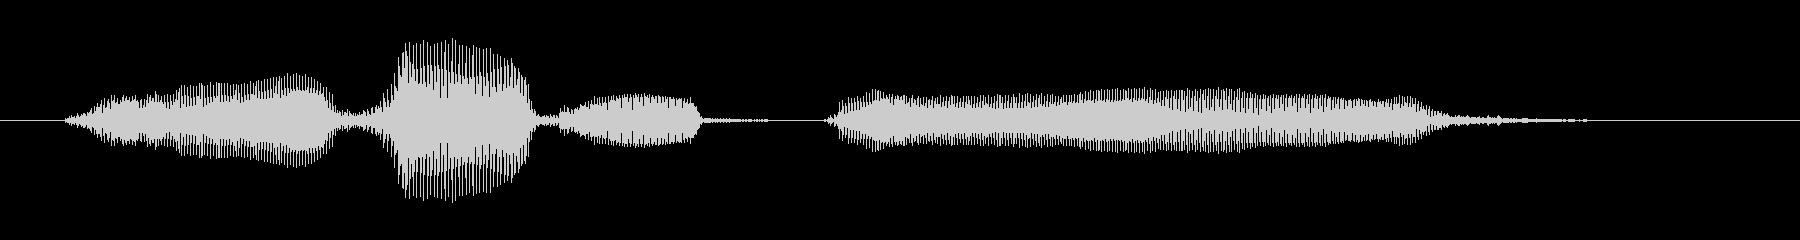 やられた〜's unreproduced waveform